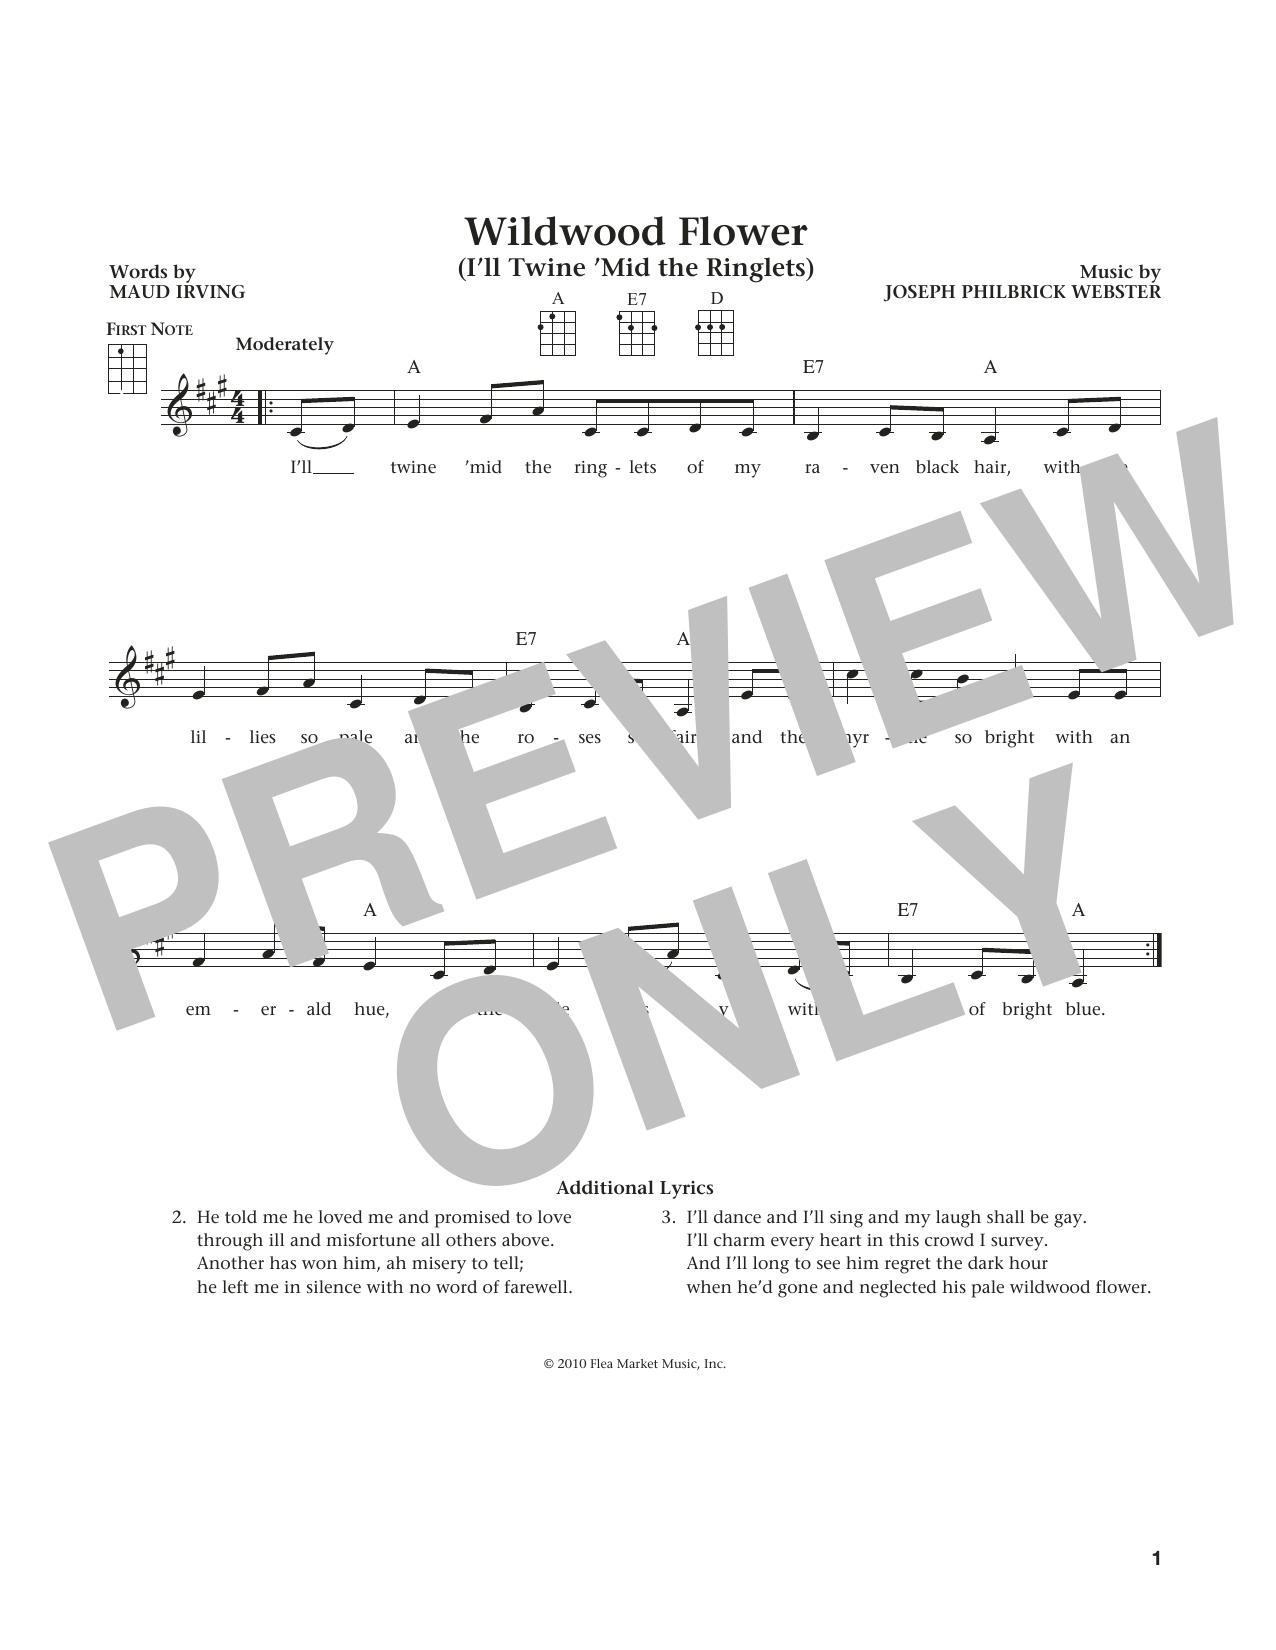 Wildwood Flower (from The Daily Ukulele) (arr. Liz and Jim Beloff) (Ukulele)